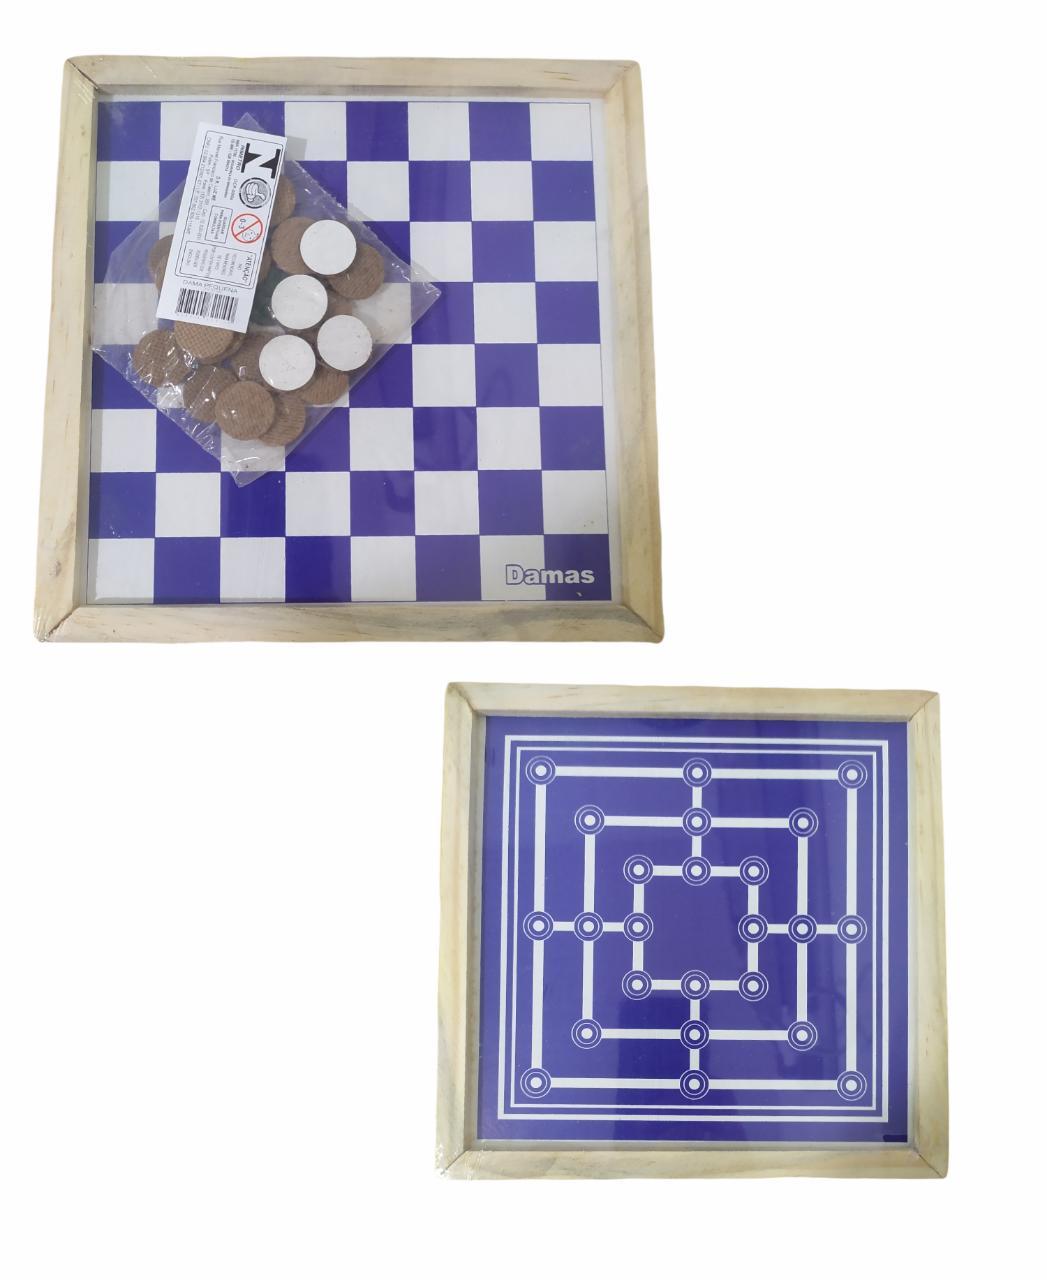 Jogo de Dama e Trilha 2 em 1 Tabuleiro Básico de Madeira 21x21CM